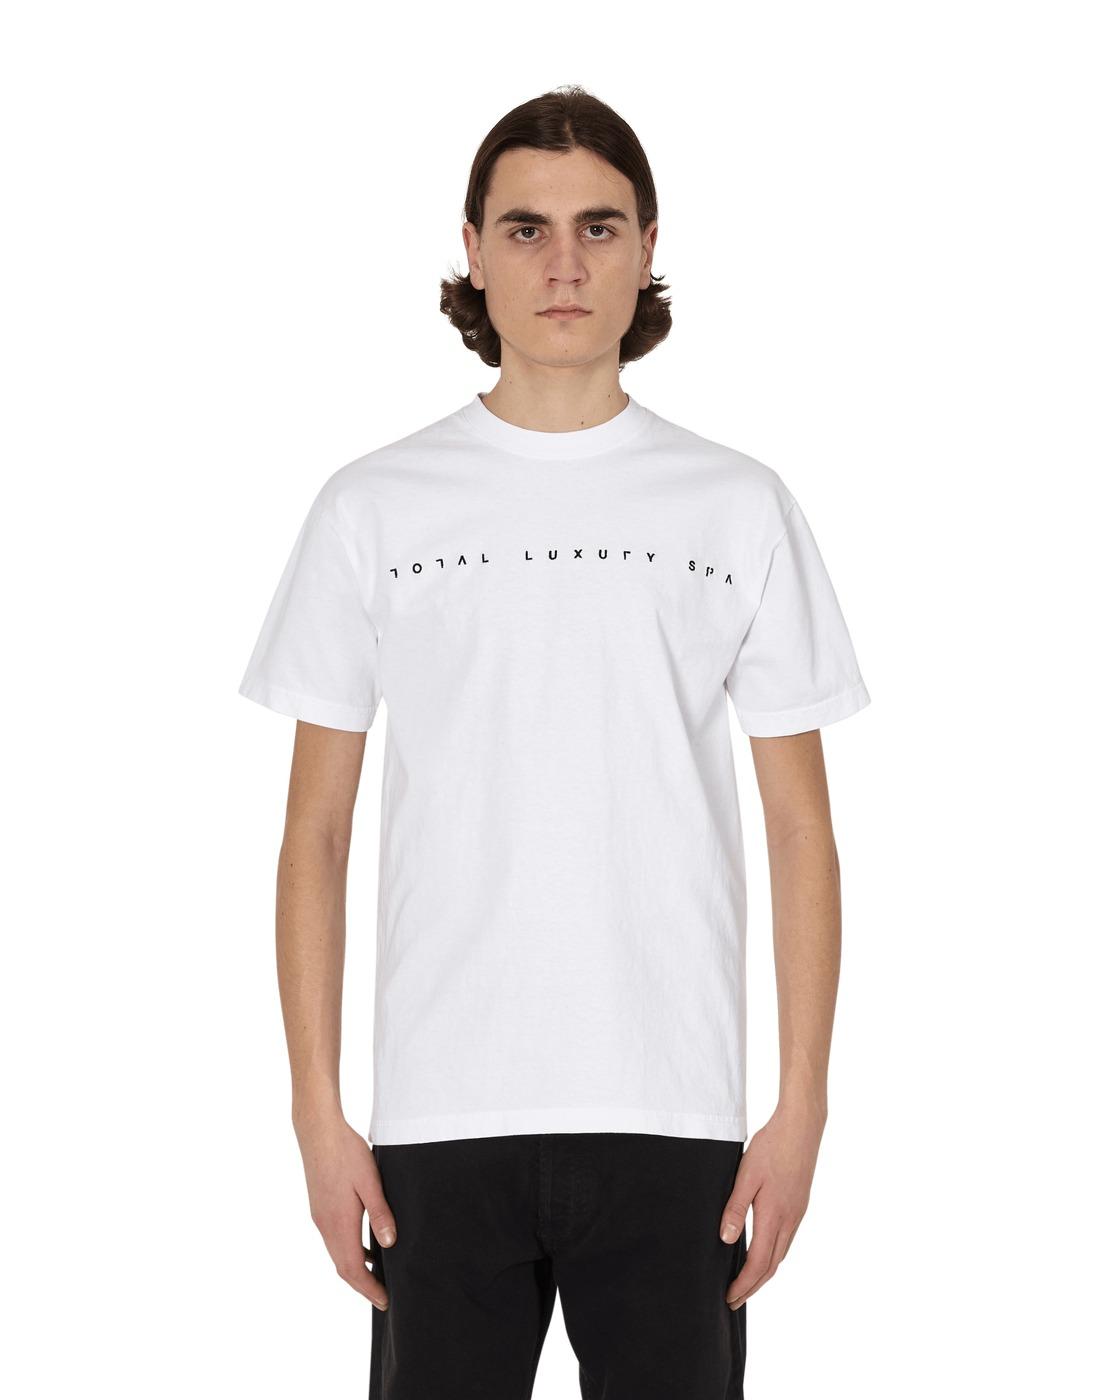 Photo: Total Luxury Spa Open Logo T Shirt White